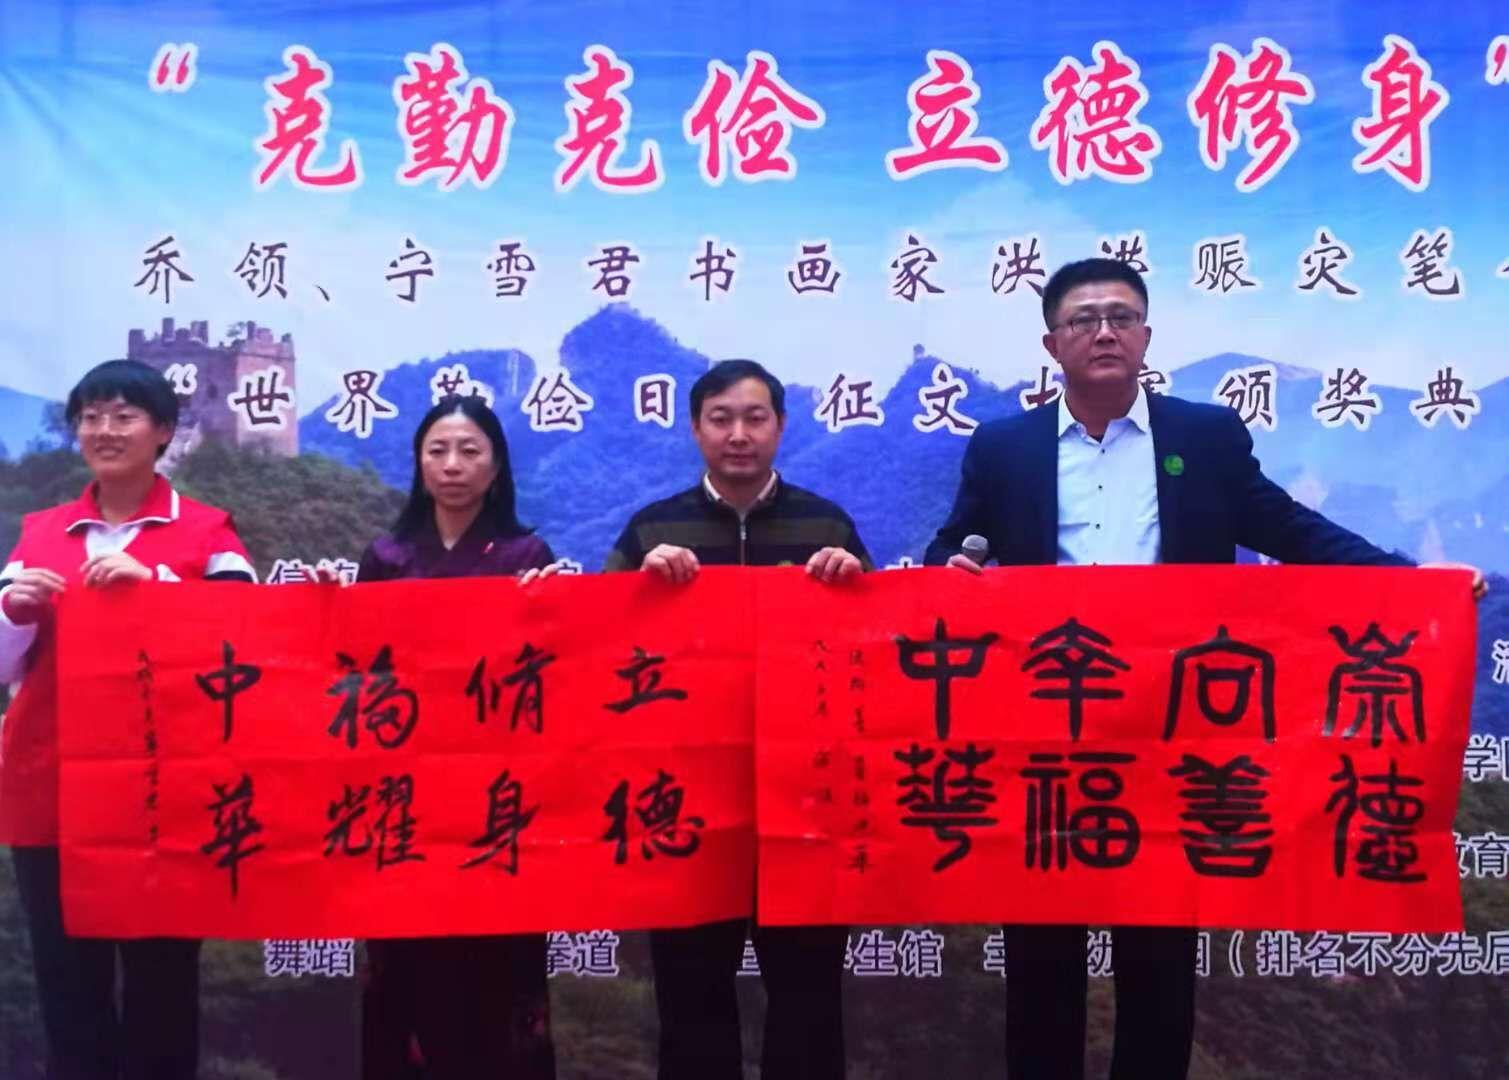 乔领、宁雪君洪涝赈灾笔会在山东省东营市举办,两人分别题写:《崇德向善,幸福中华》和《立德修身,福耀中华》